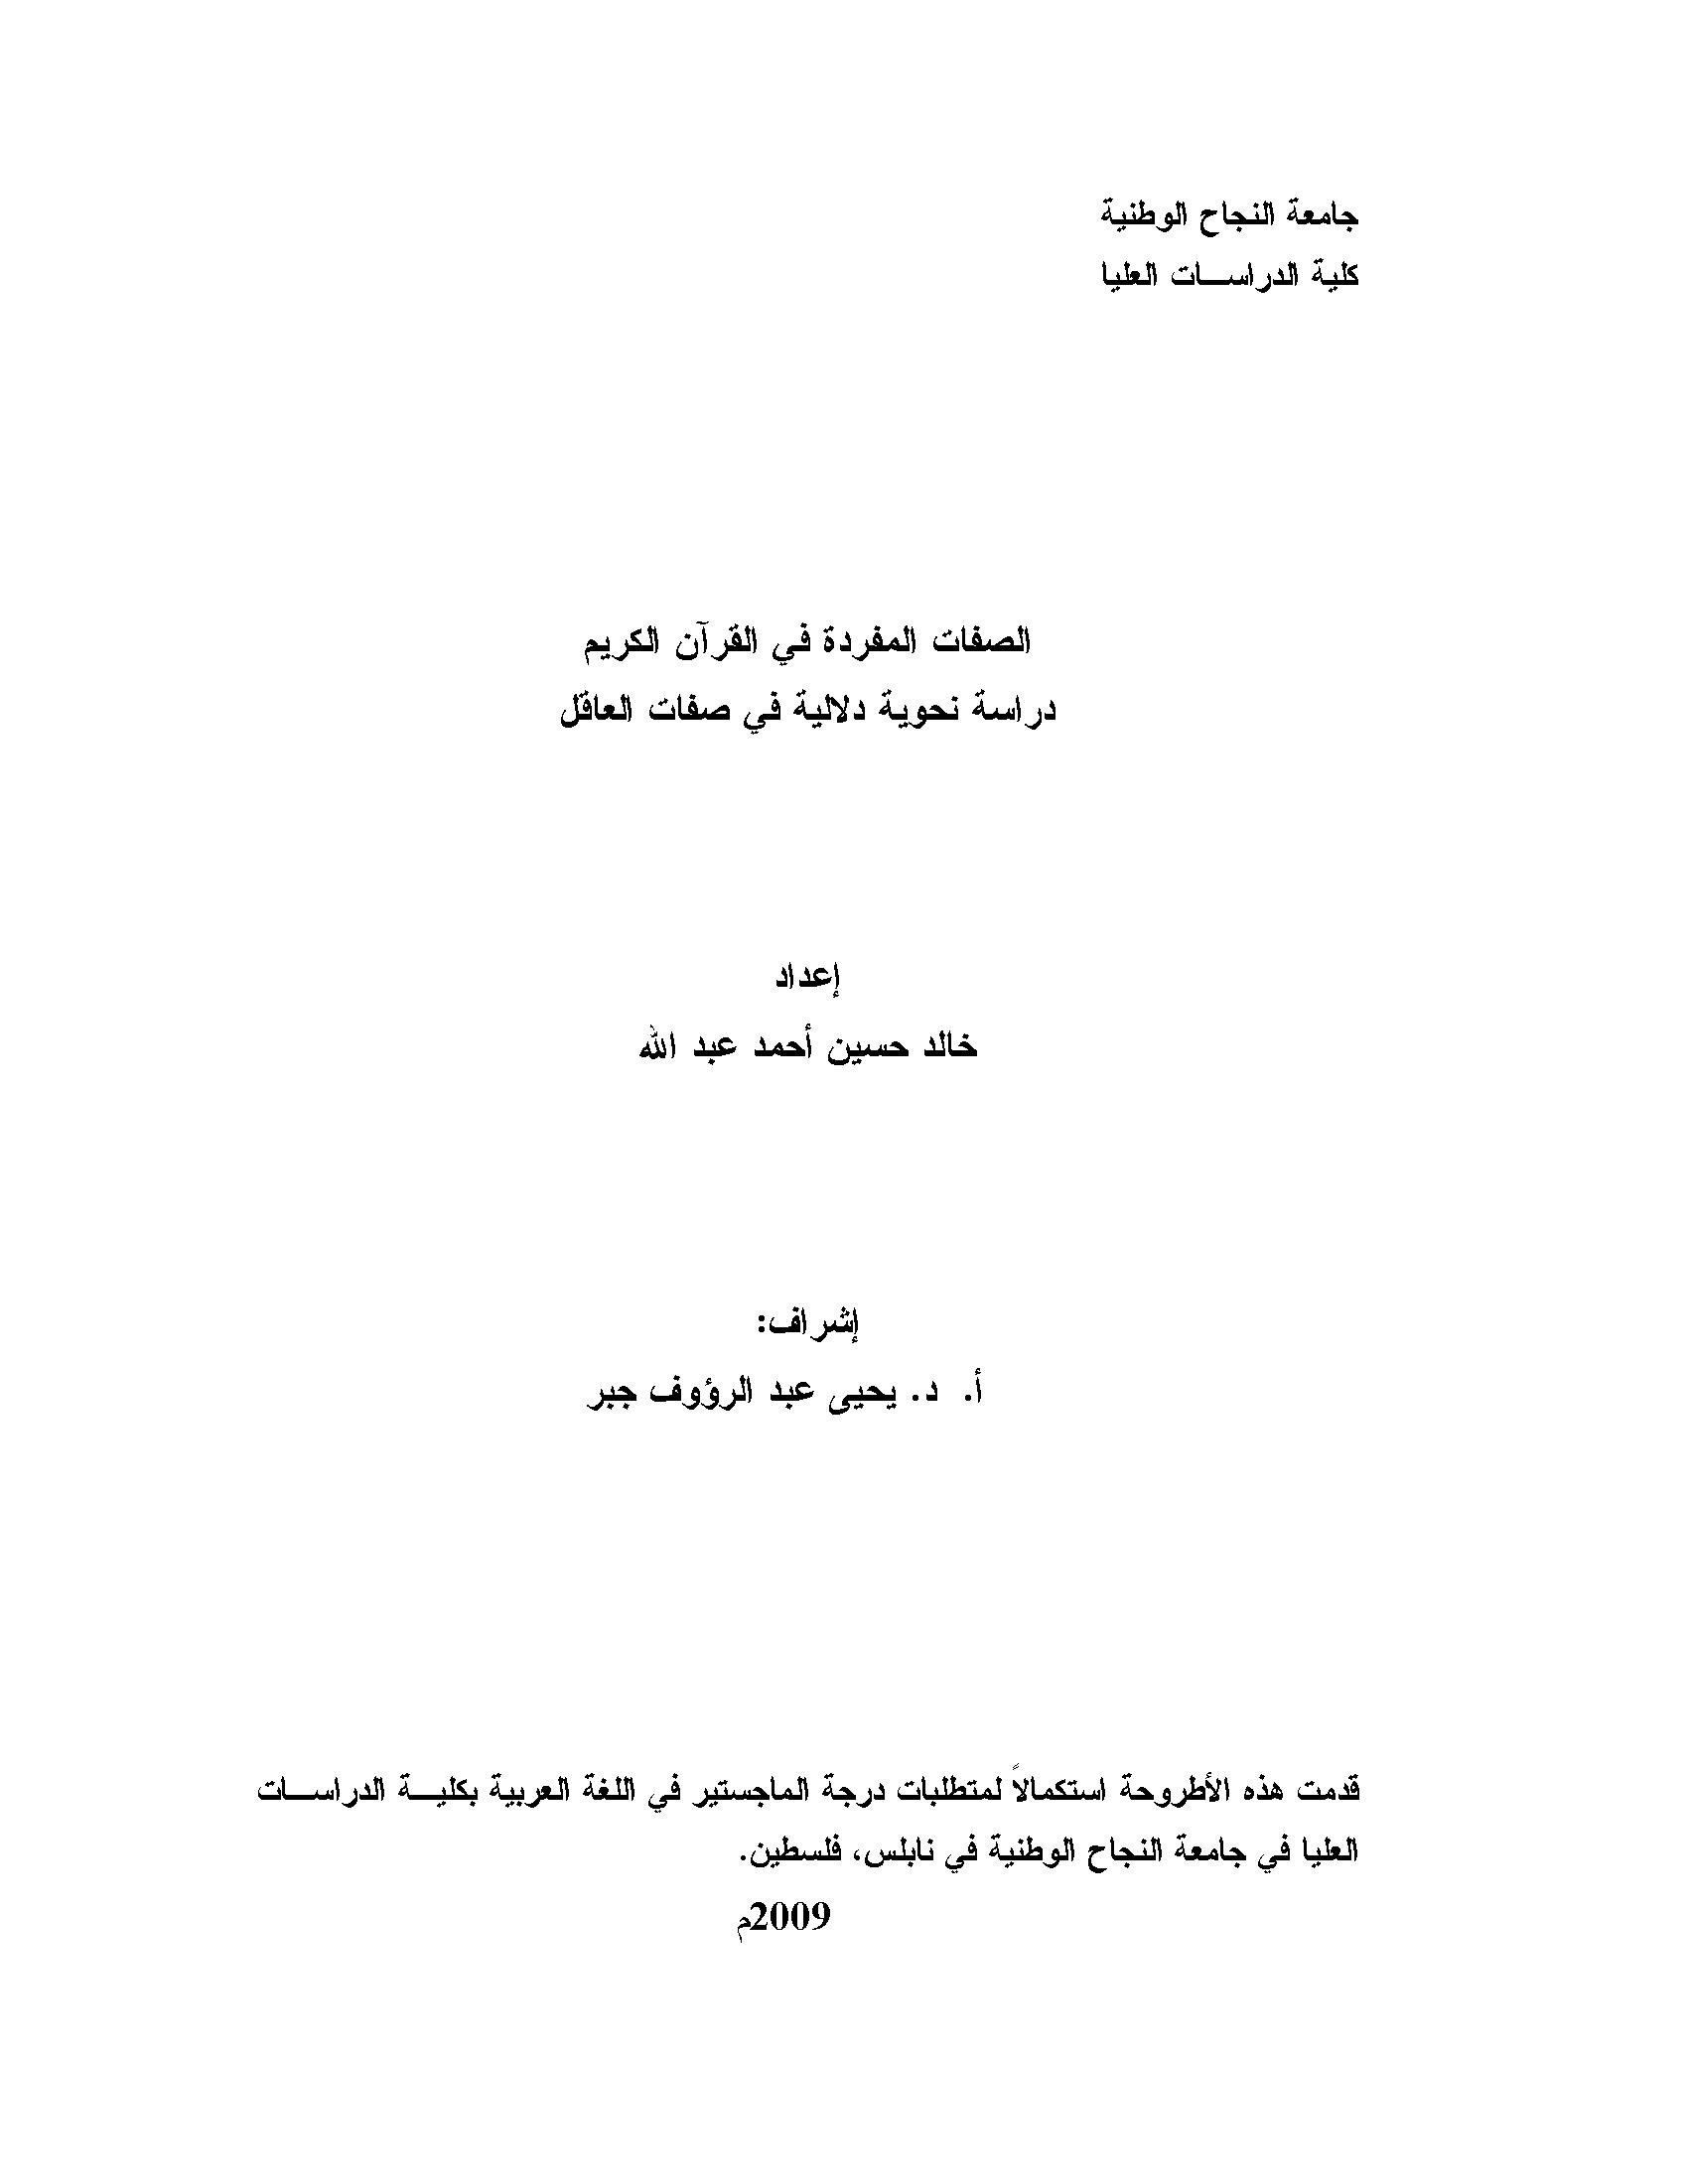 تحميل كتاب الصفات المفردة في القرآن الكريم (دراسة نحوية دلالية في صفات العاقل) لـِ: خالد حسين أحمد عبد الله